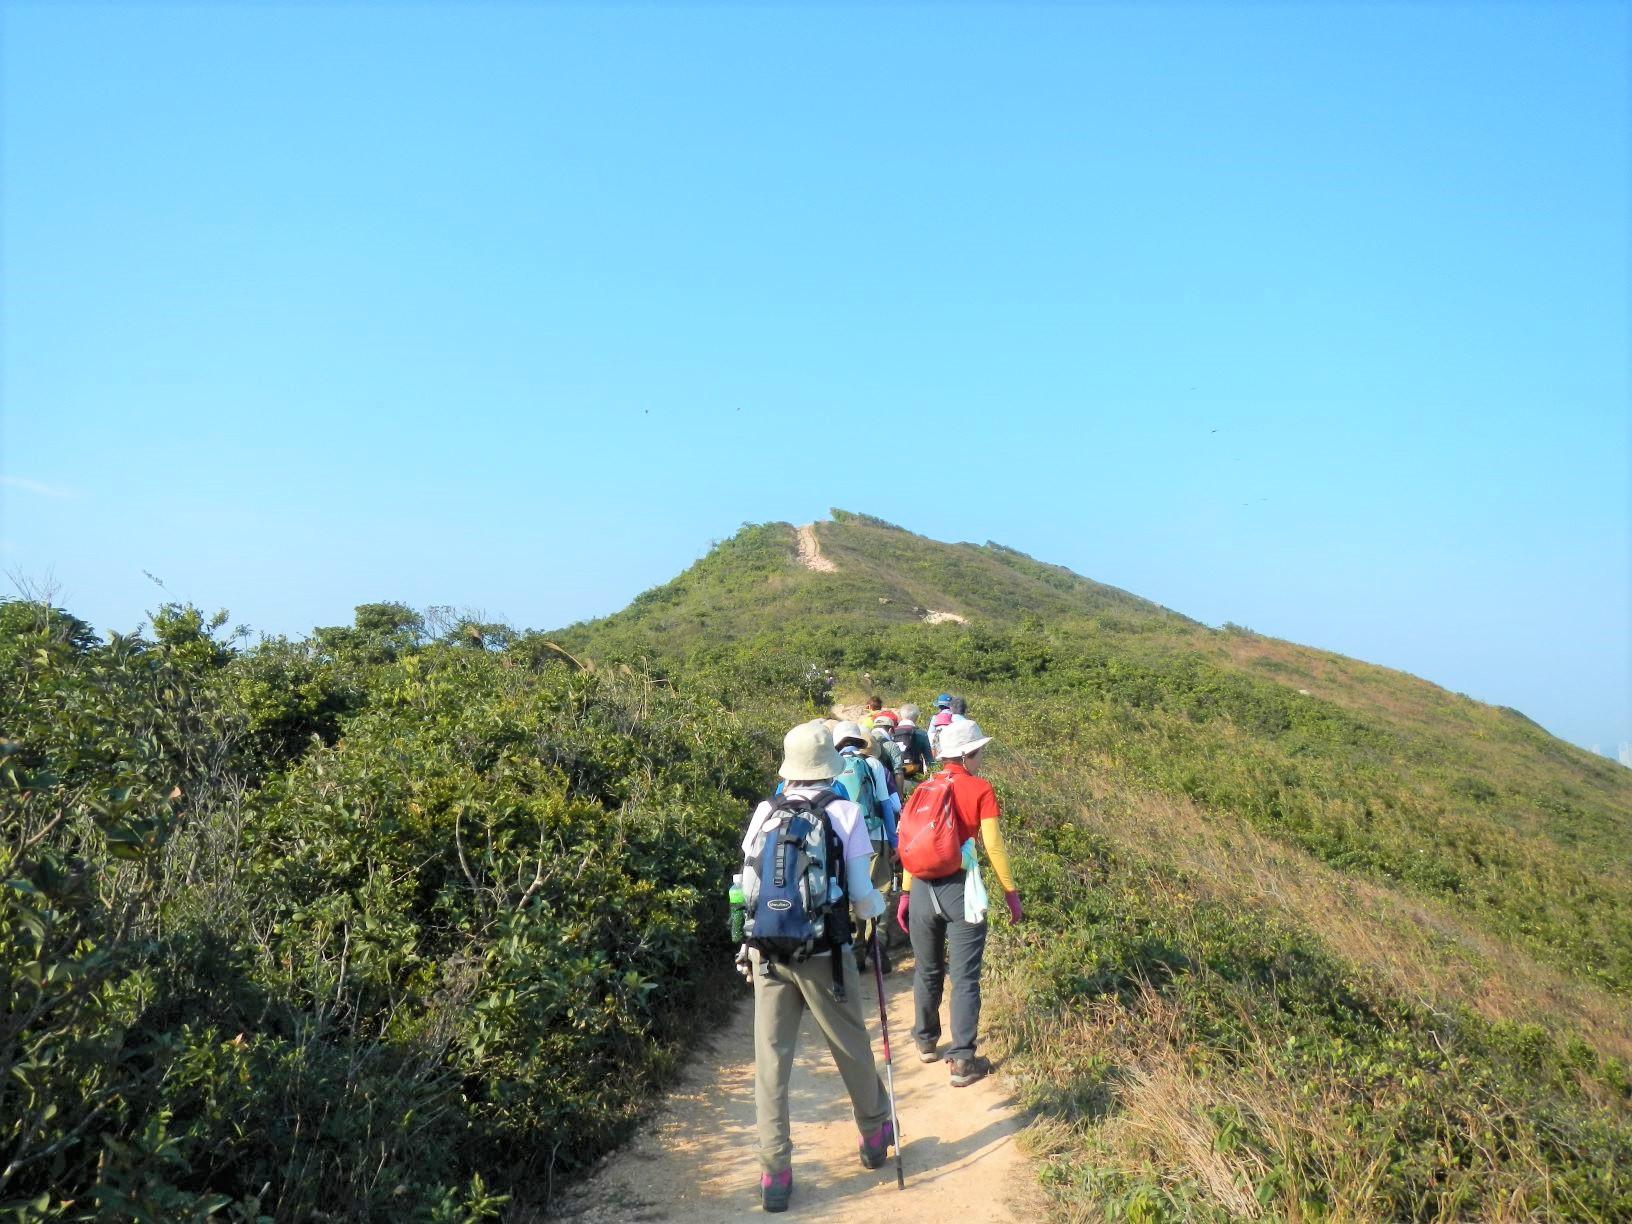 香港随一の人気を誇るドラゴンズバックのハイキング(3日目)